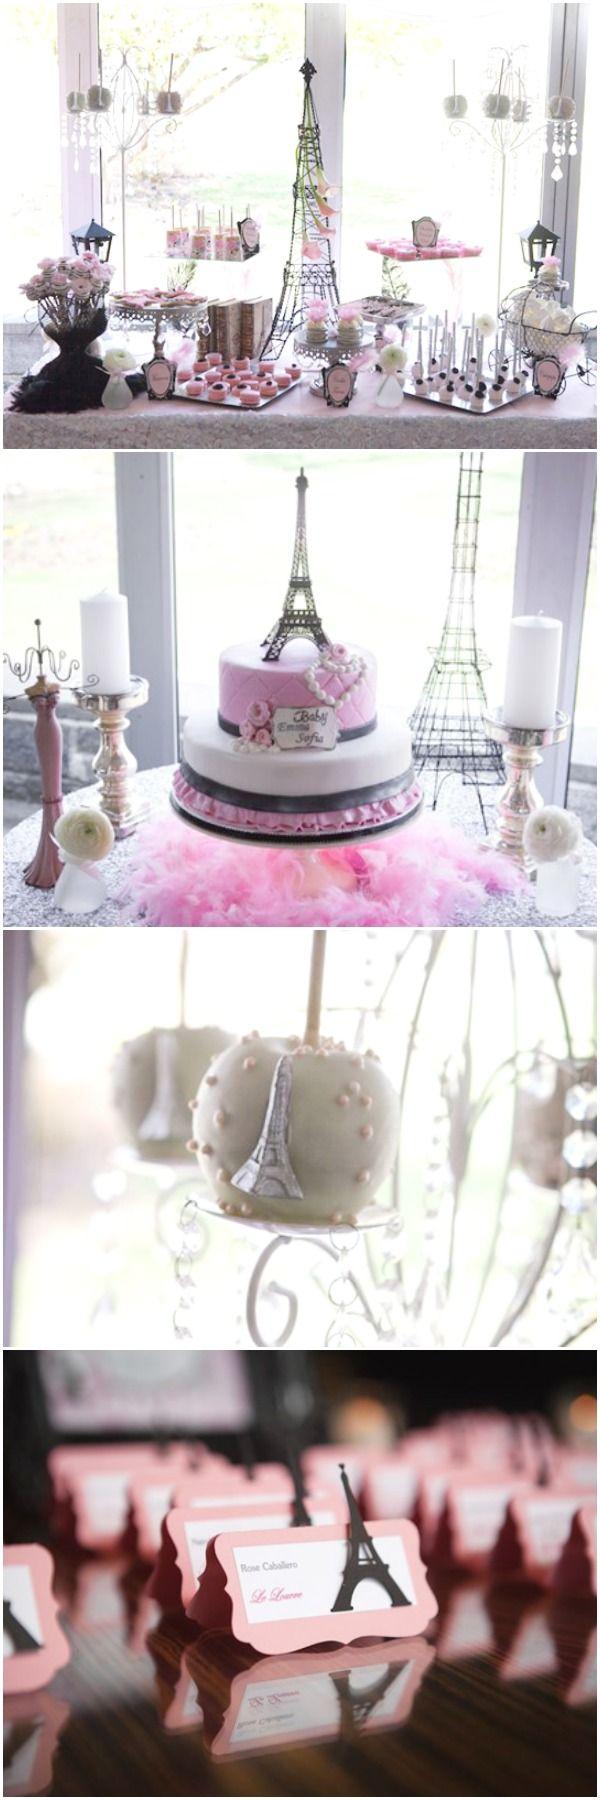 Idea Decoración para Baby Shower (✿◠‿◠) | scrapbook | Pinterest ...